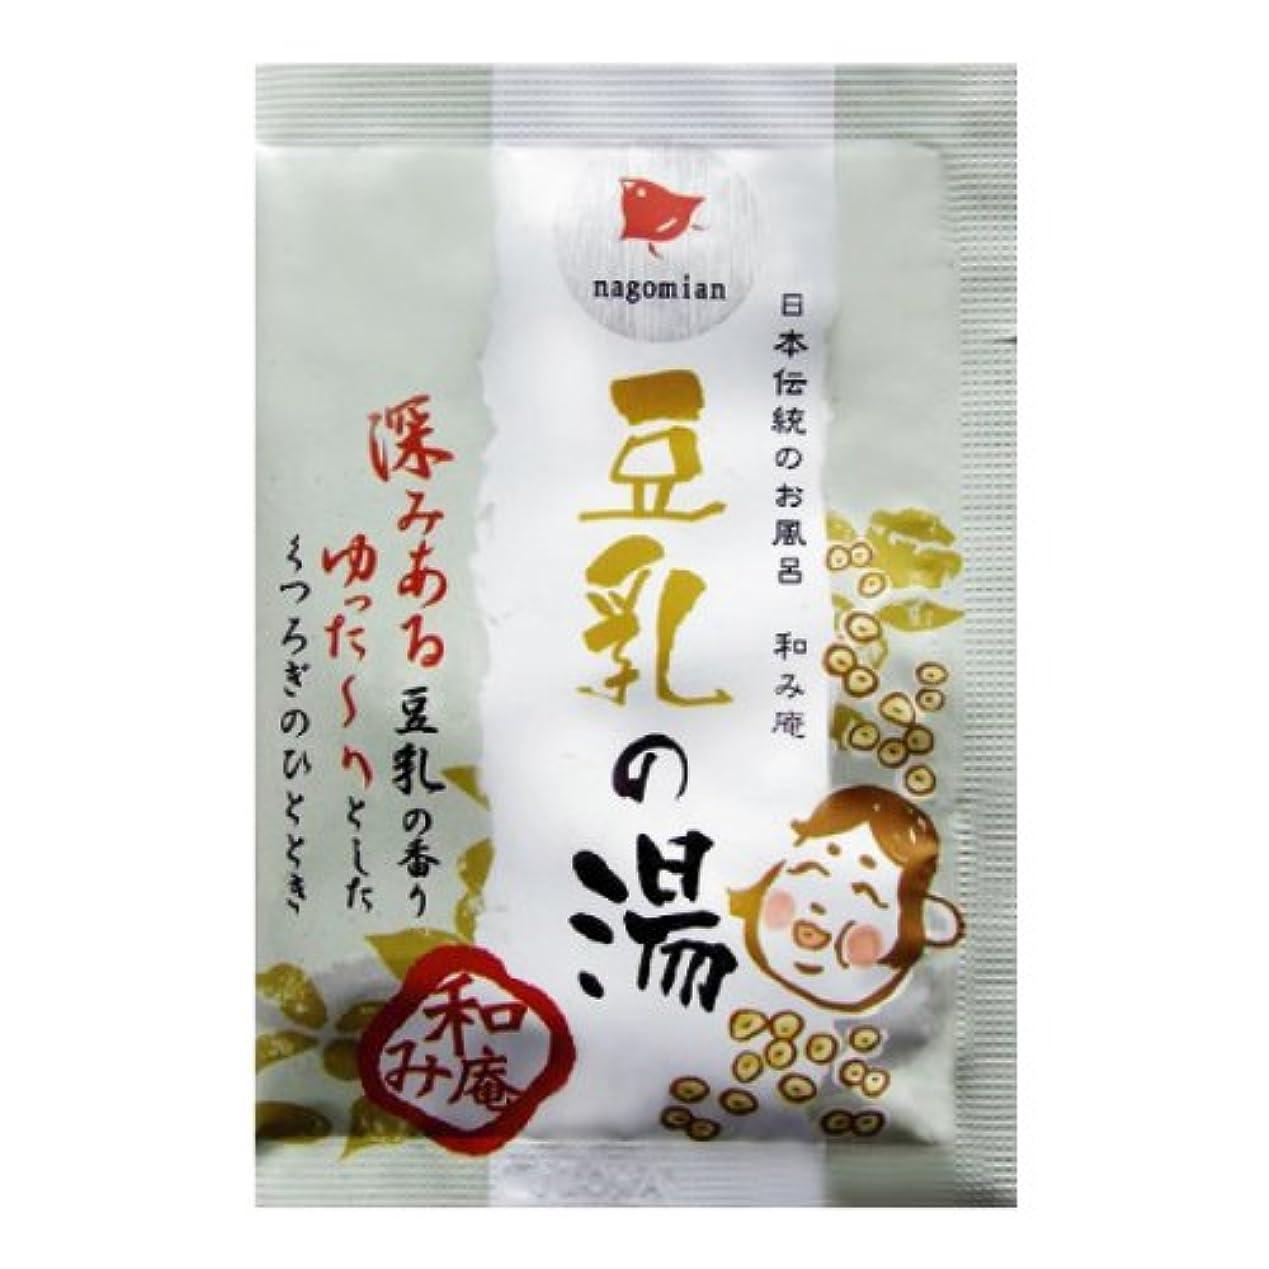 ダイエット推進力追放日本伝統のお風呂 和み庵 豆乳の湯 200包